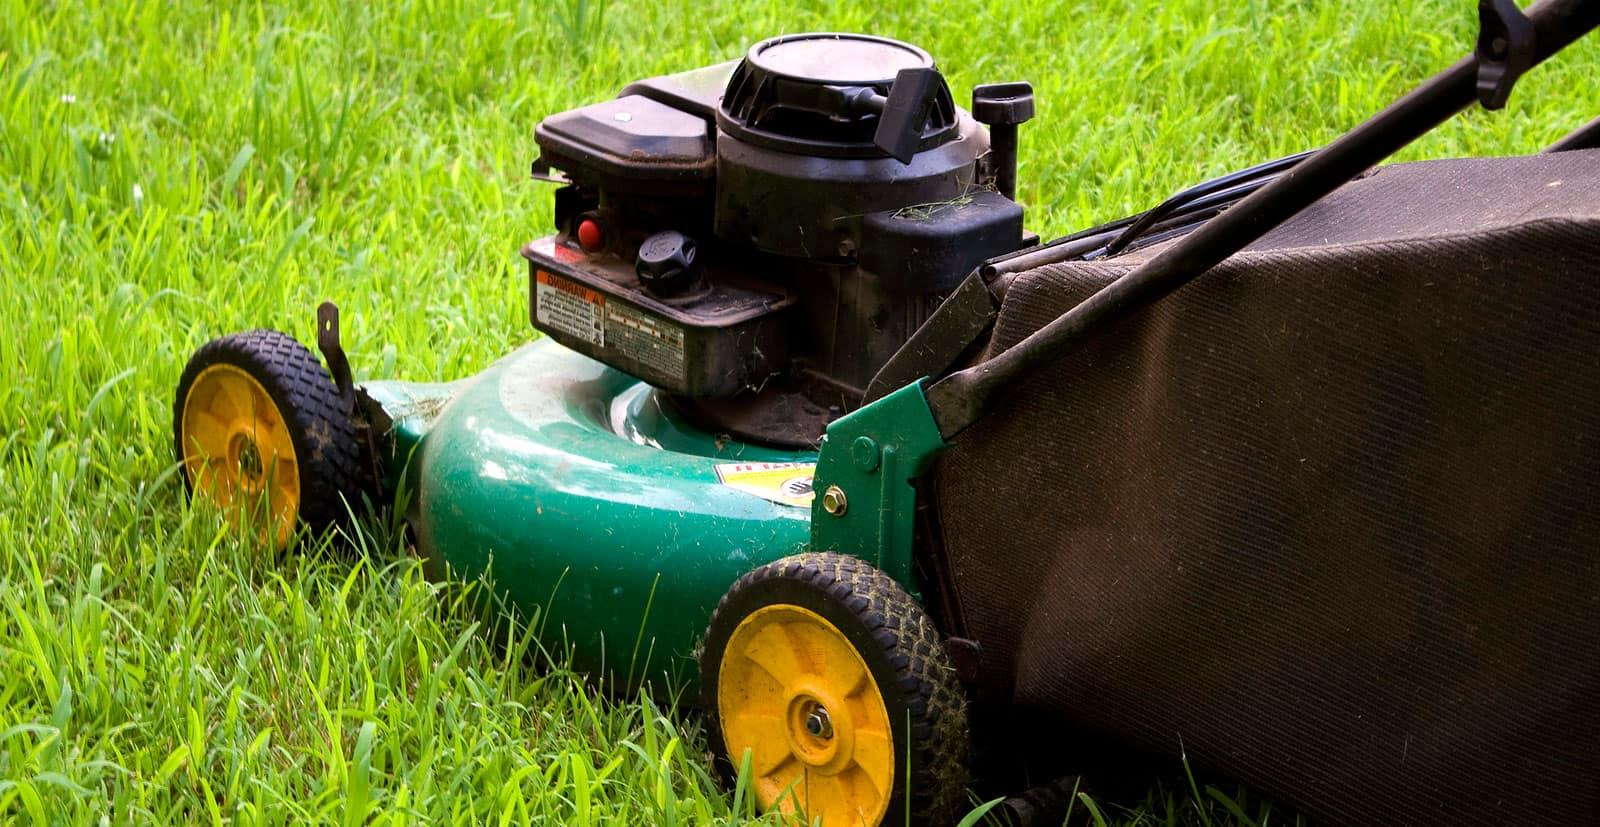 Græsslåmaskine test 2017 - Den bedste plæneklipper lige nu